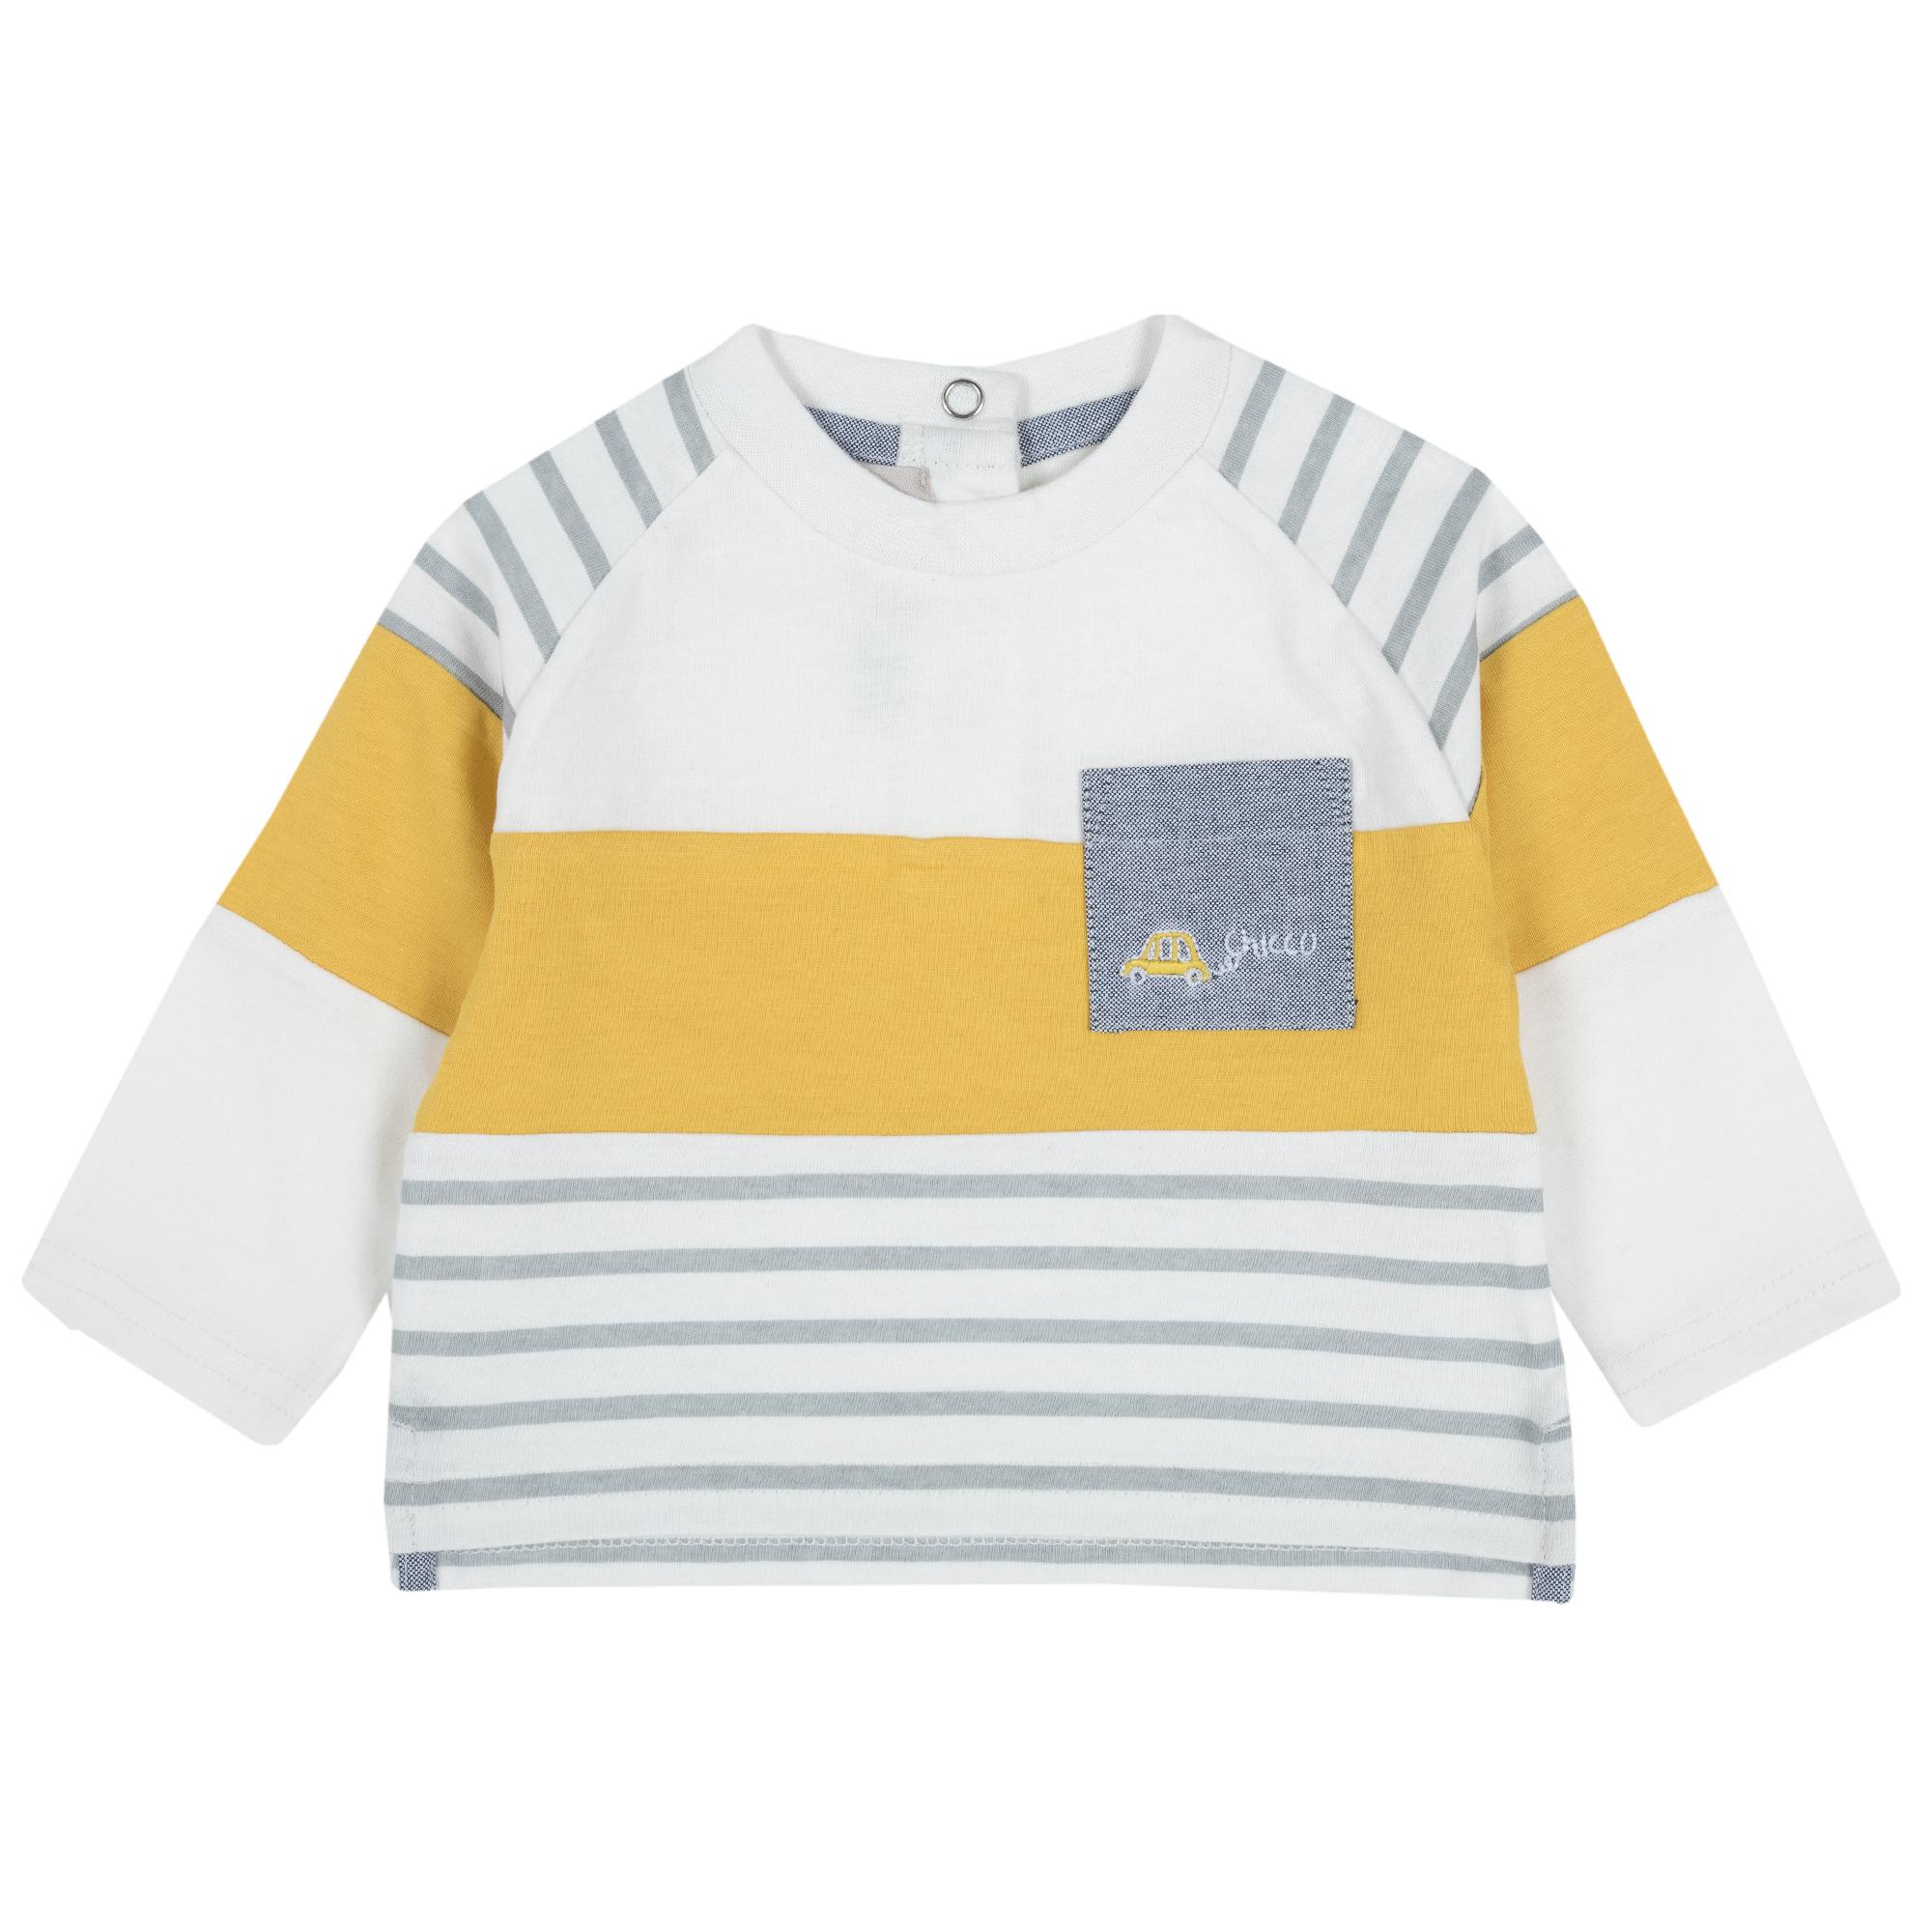 Tricou copii Chicco, alb cu galben